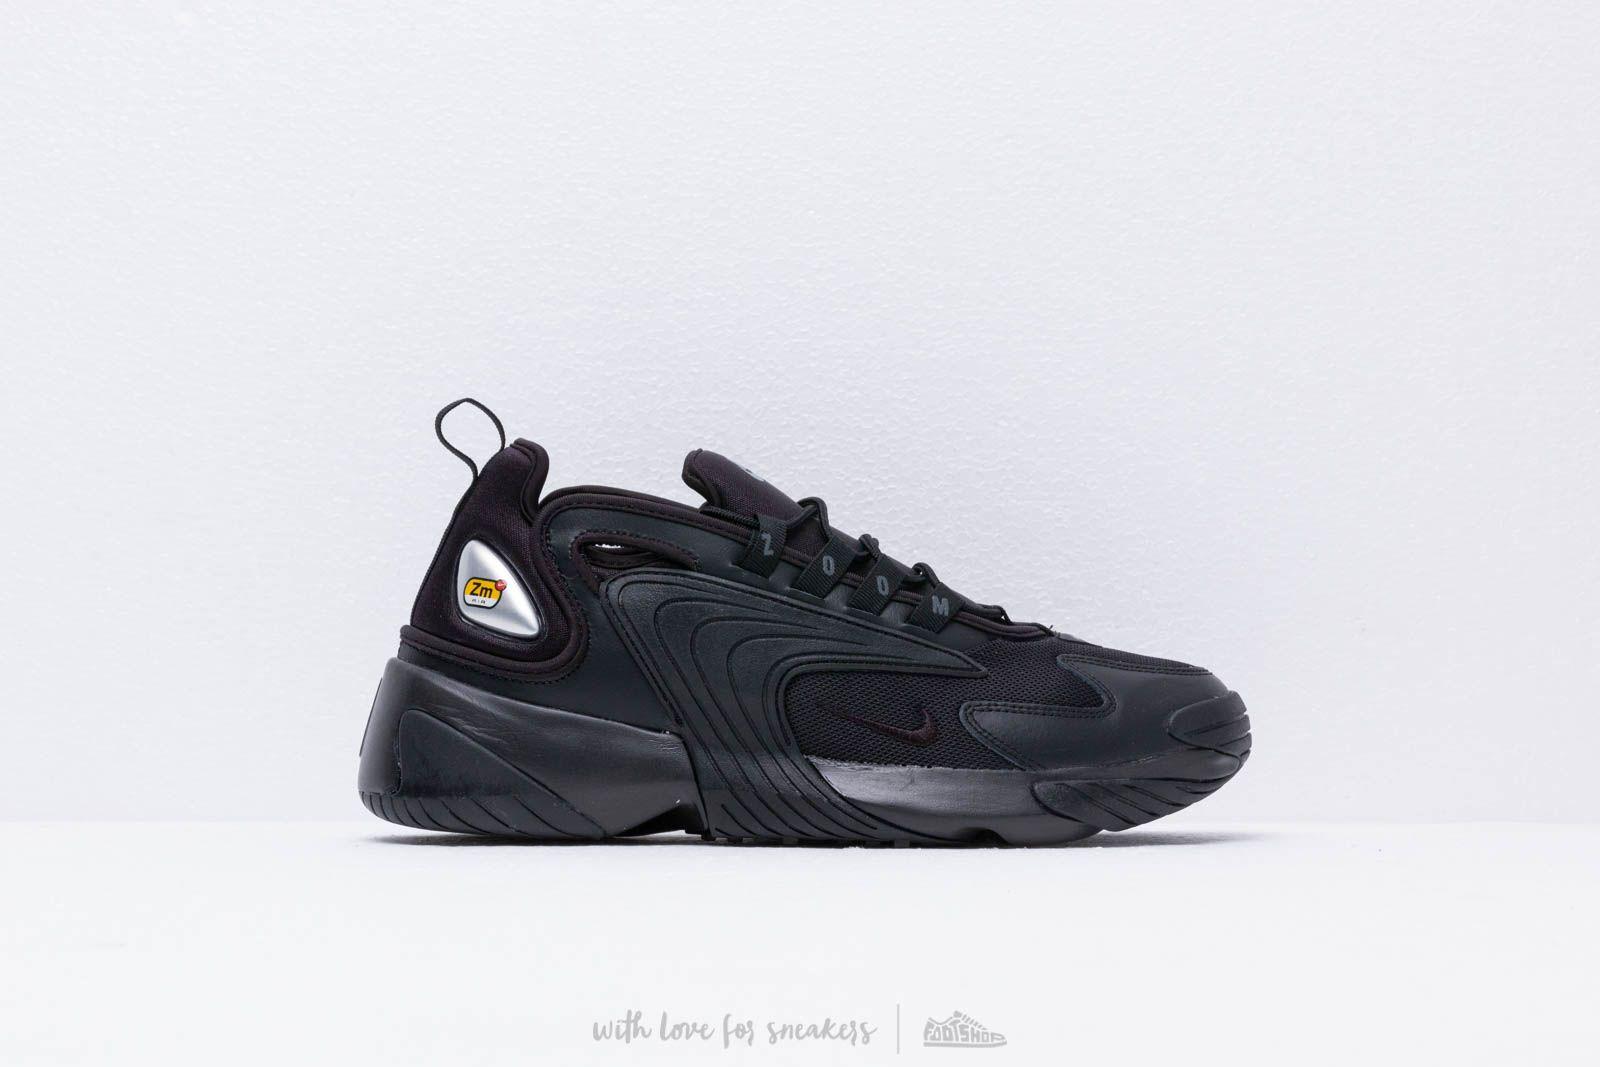 61135e4741658 Nike Zoom 2K Black  Black-Anthracite nagyszerű árakon 28 843 Ft vásárolj a  Footshopban